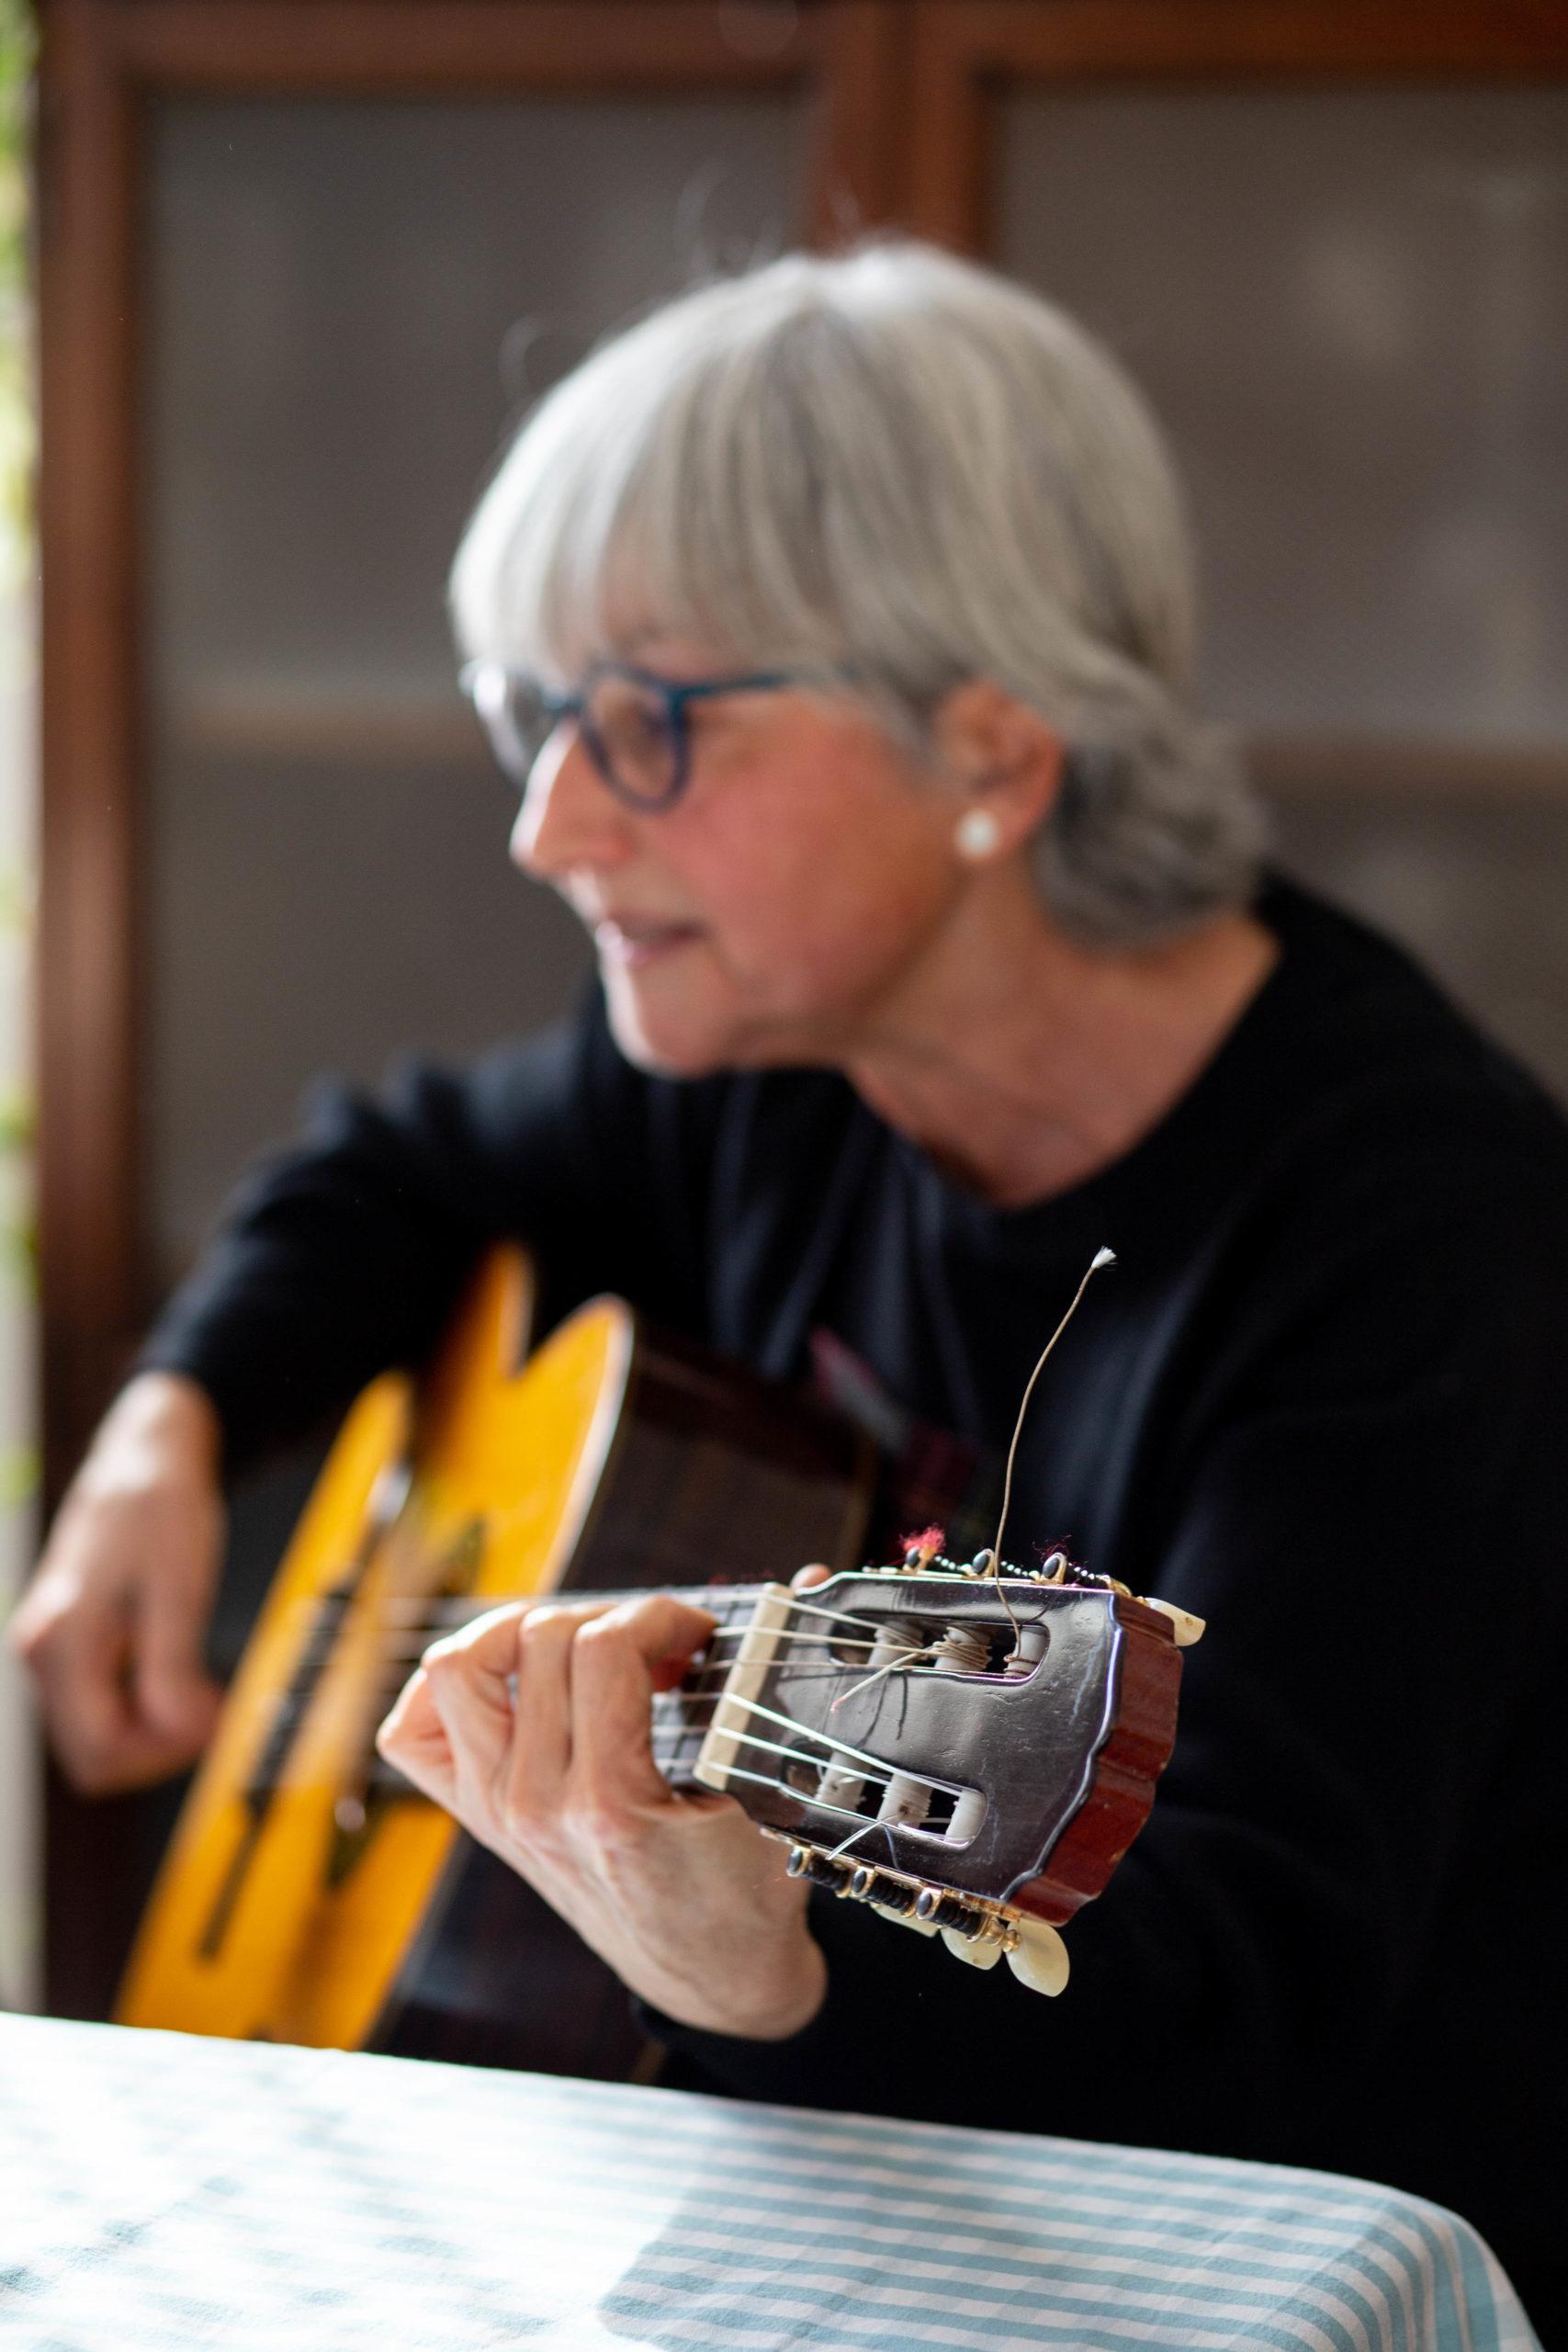 Pla mig d'una dona asseguda tocant la guitarra